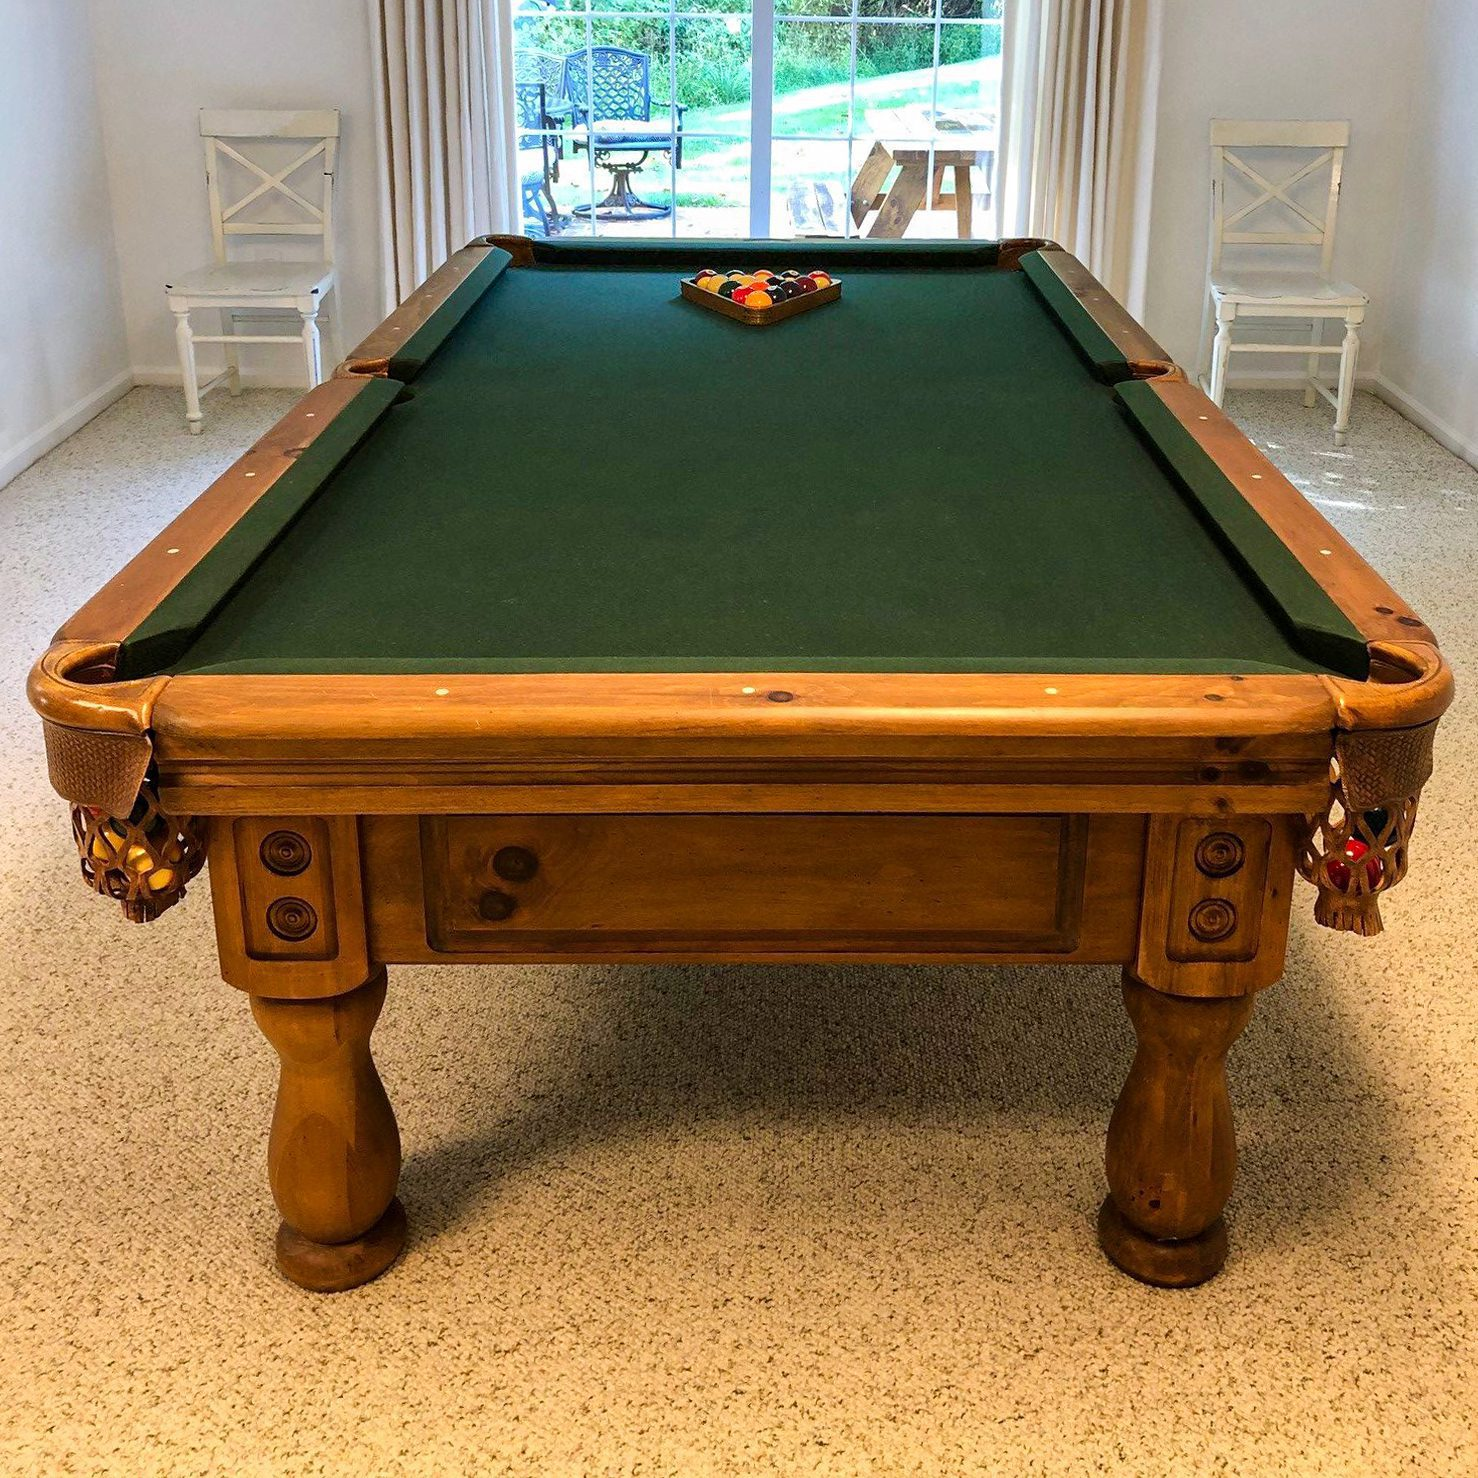 Used 8′ Proline Pine Pool Table